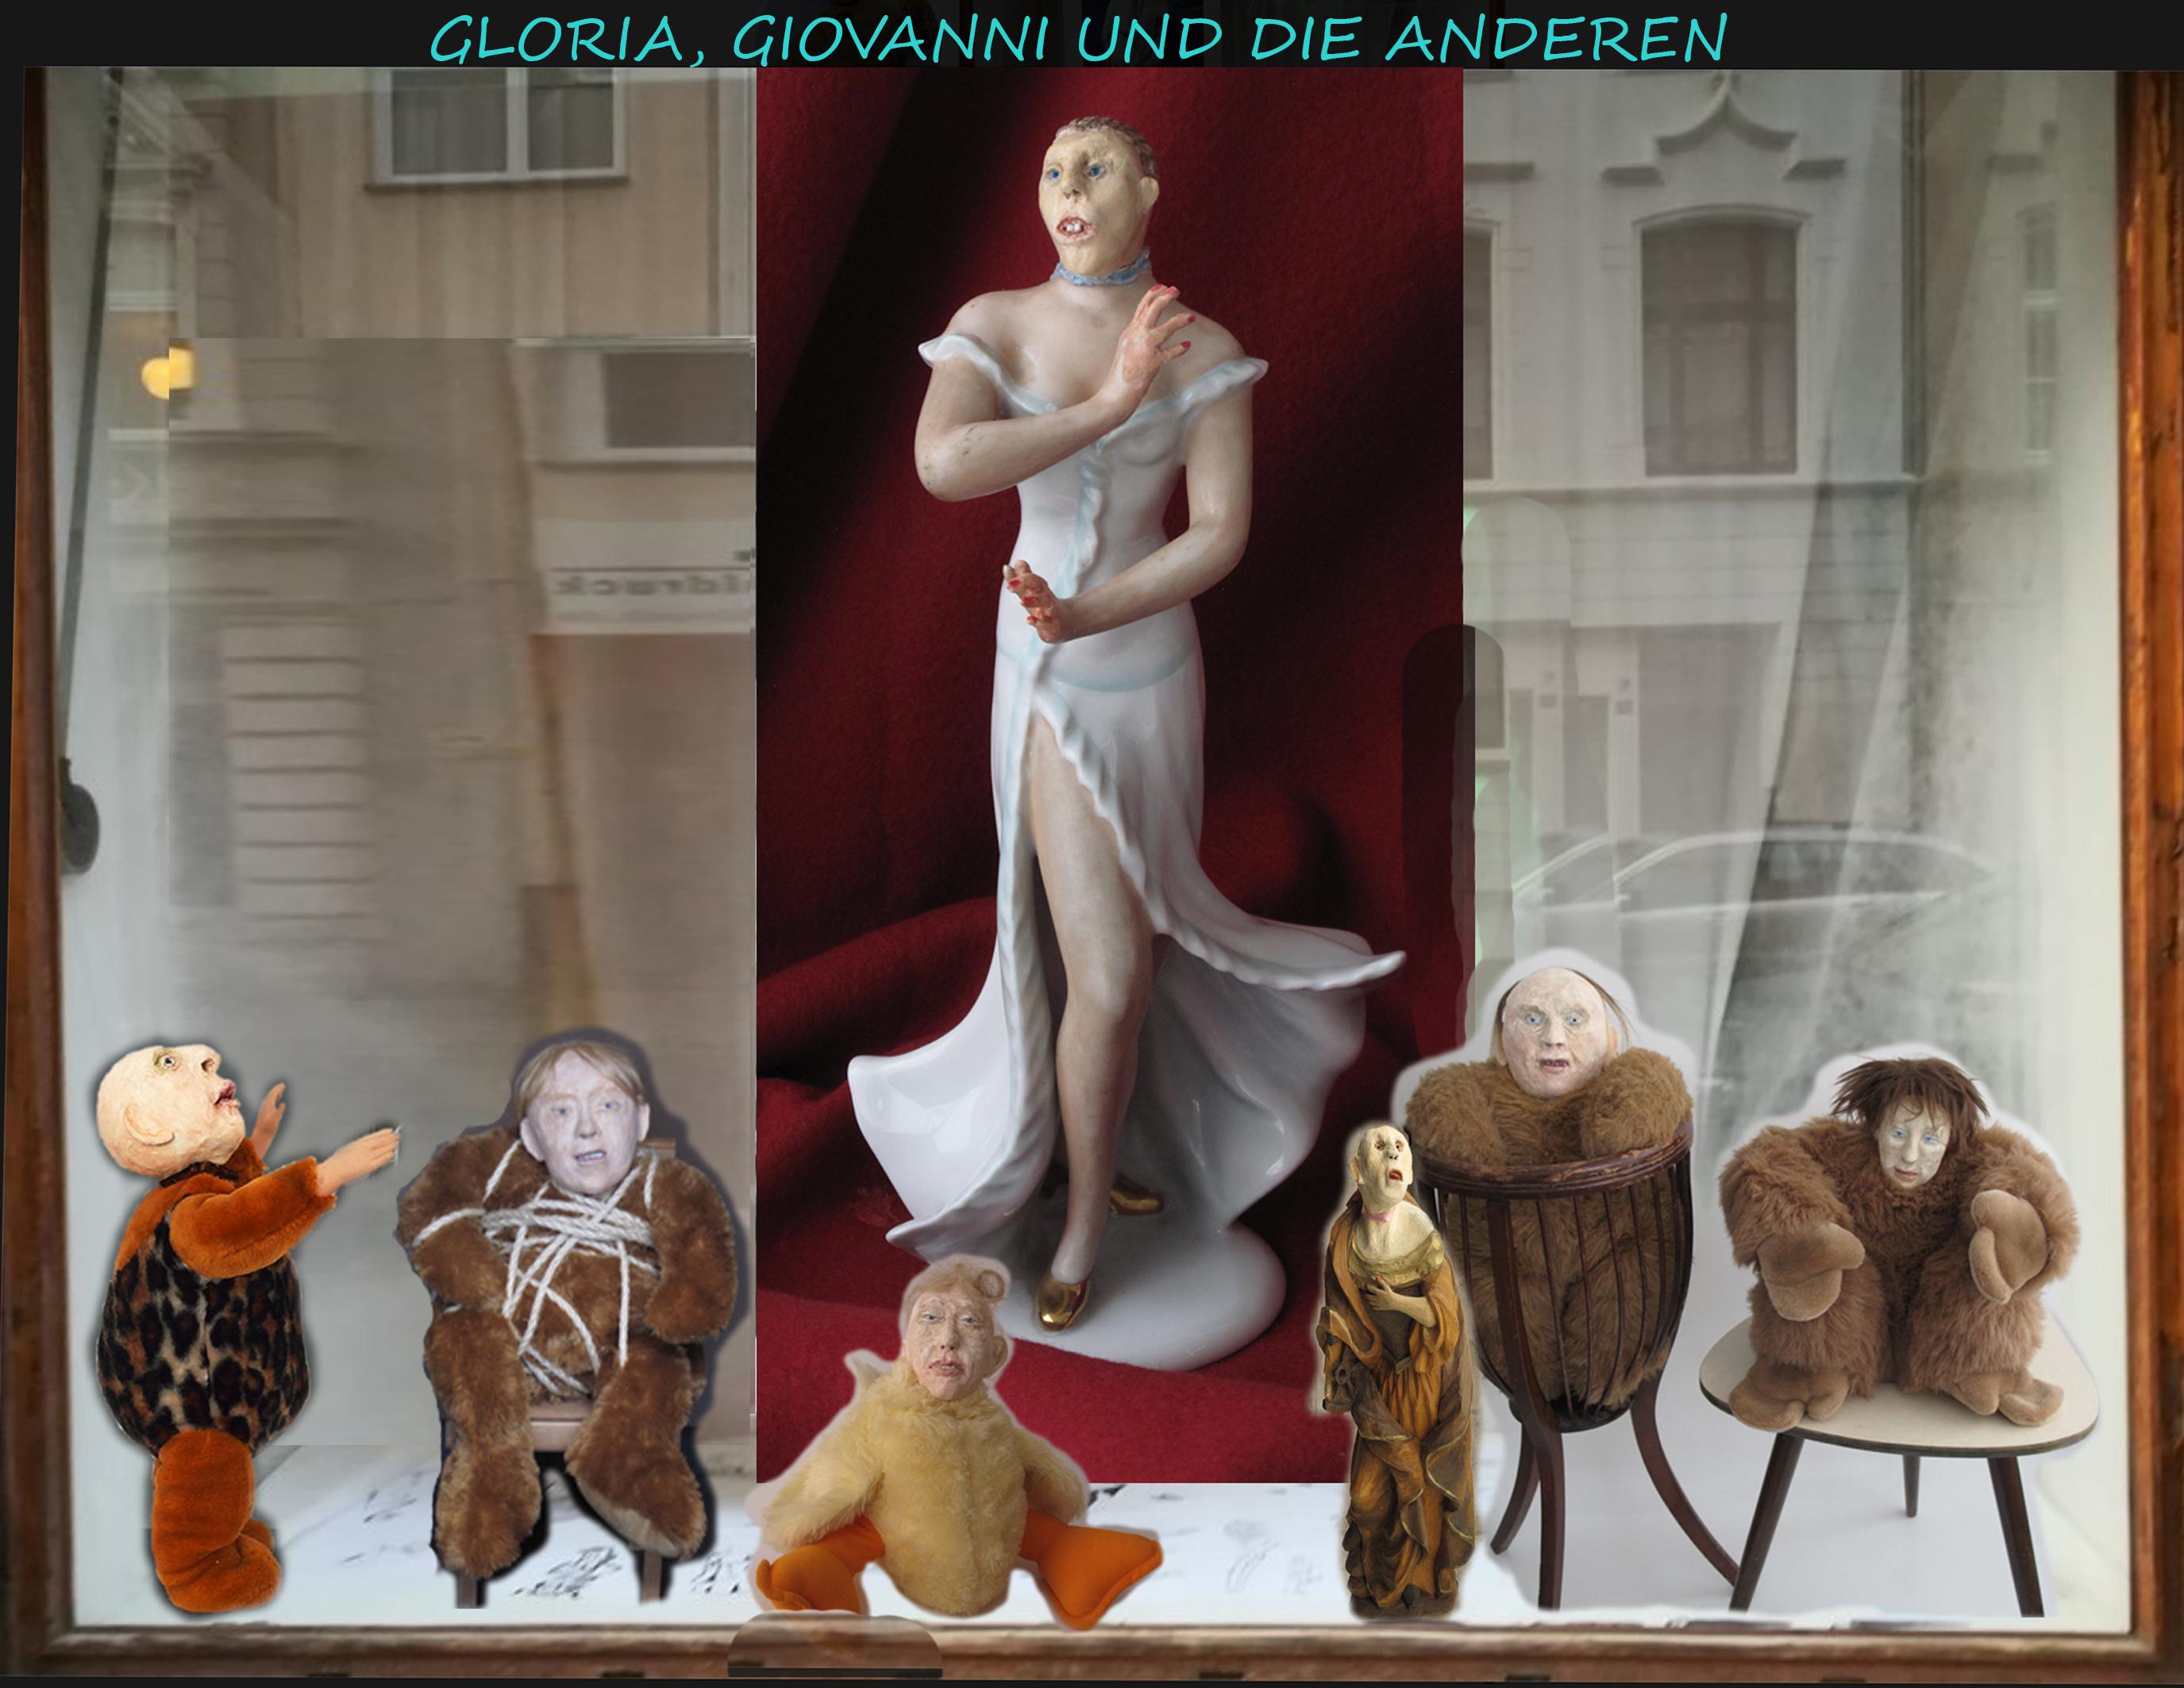 Gloria, Giovanni und die anderen